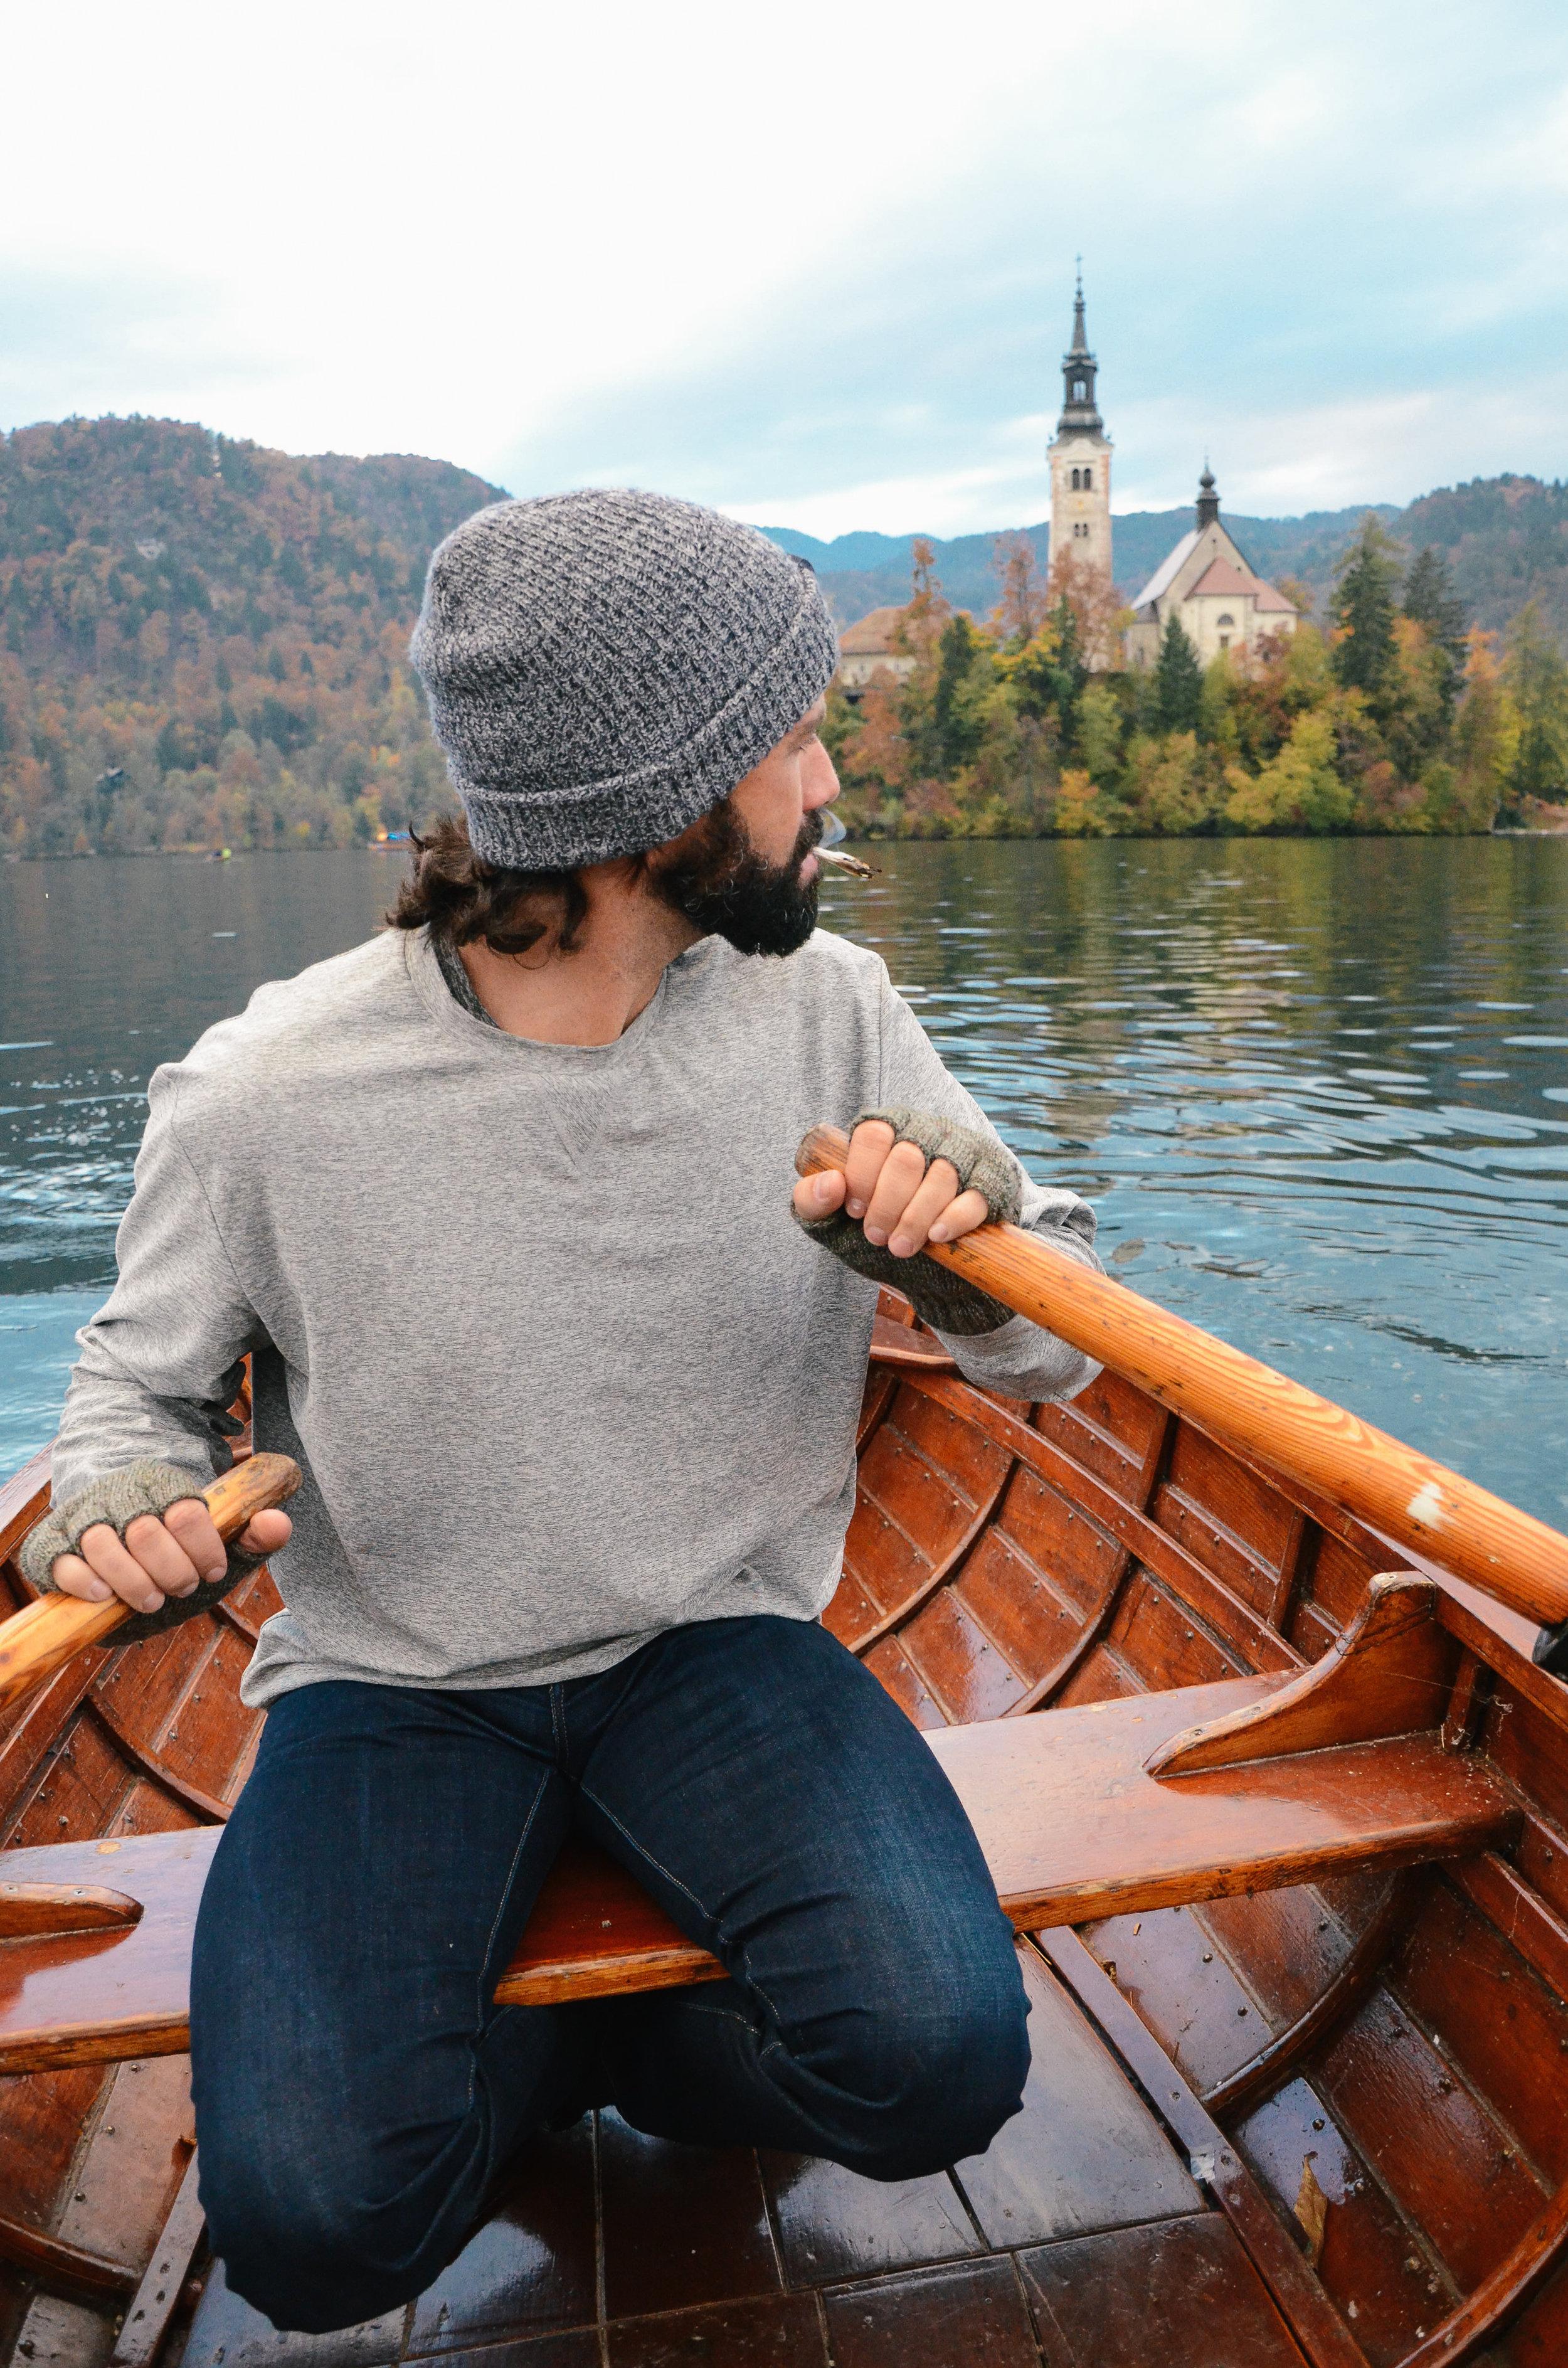 lake-bled-slovenia-travel-guide-lifeonpine_DSC_1268.jpg